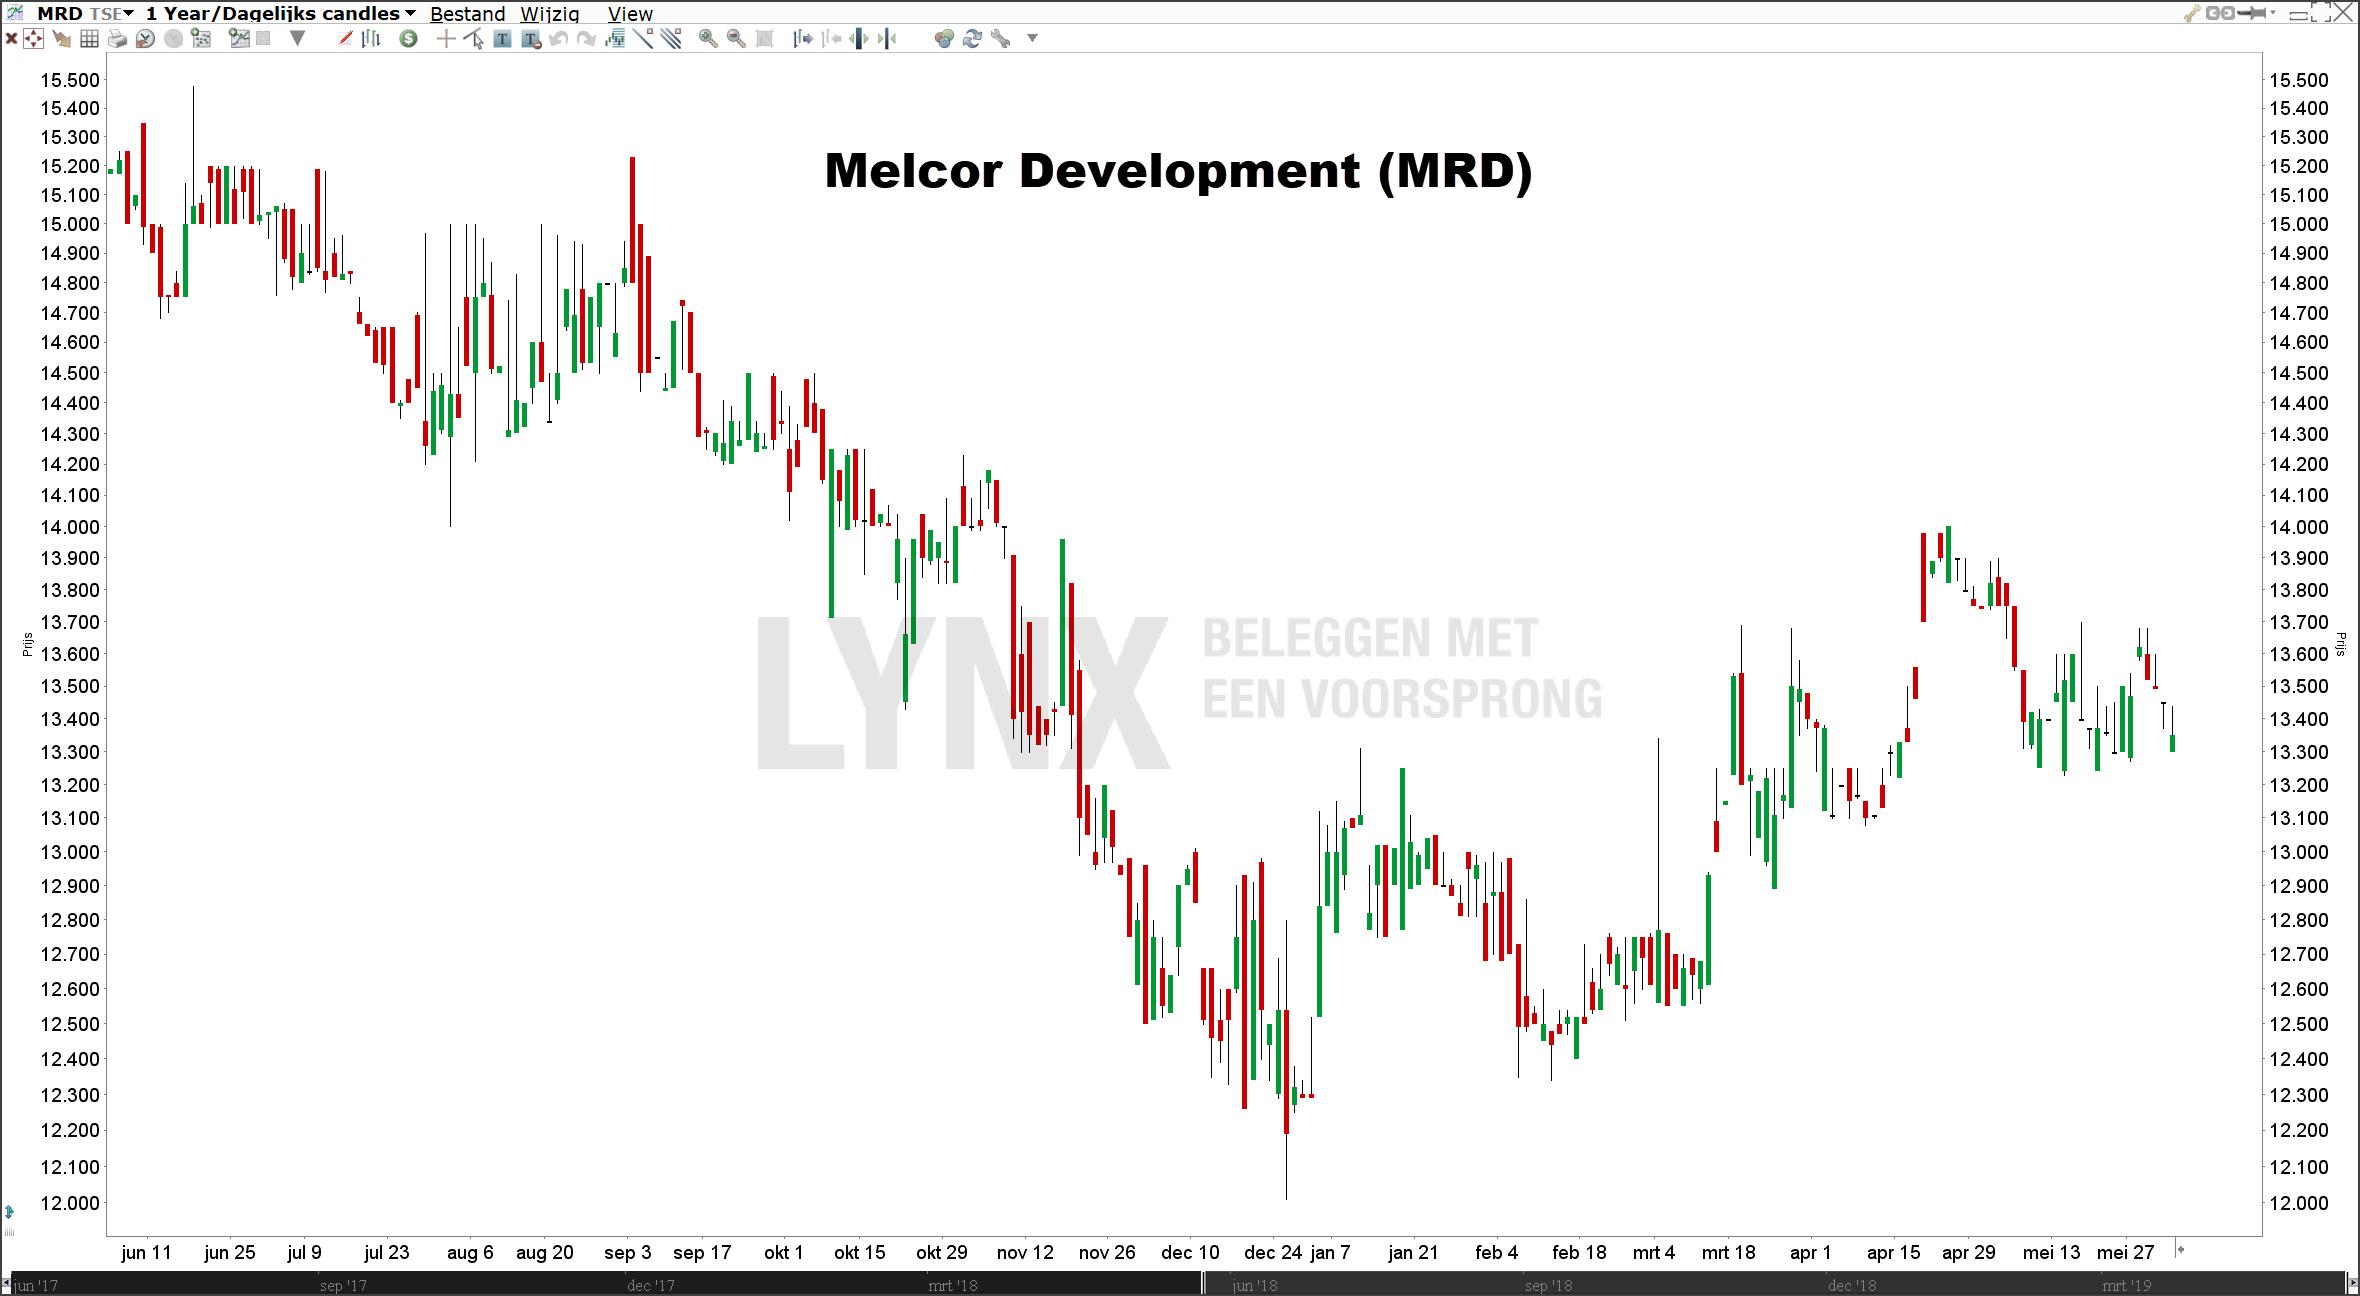 Beste small cap aandeel Melcor Development